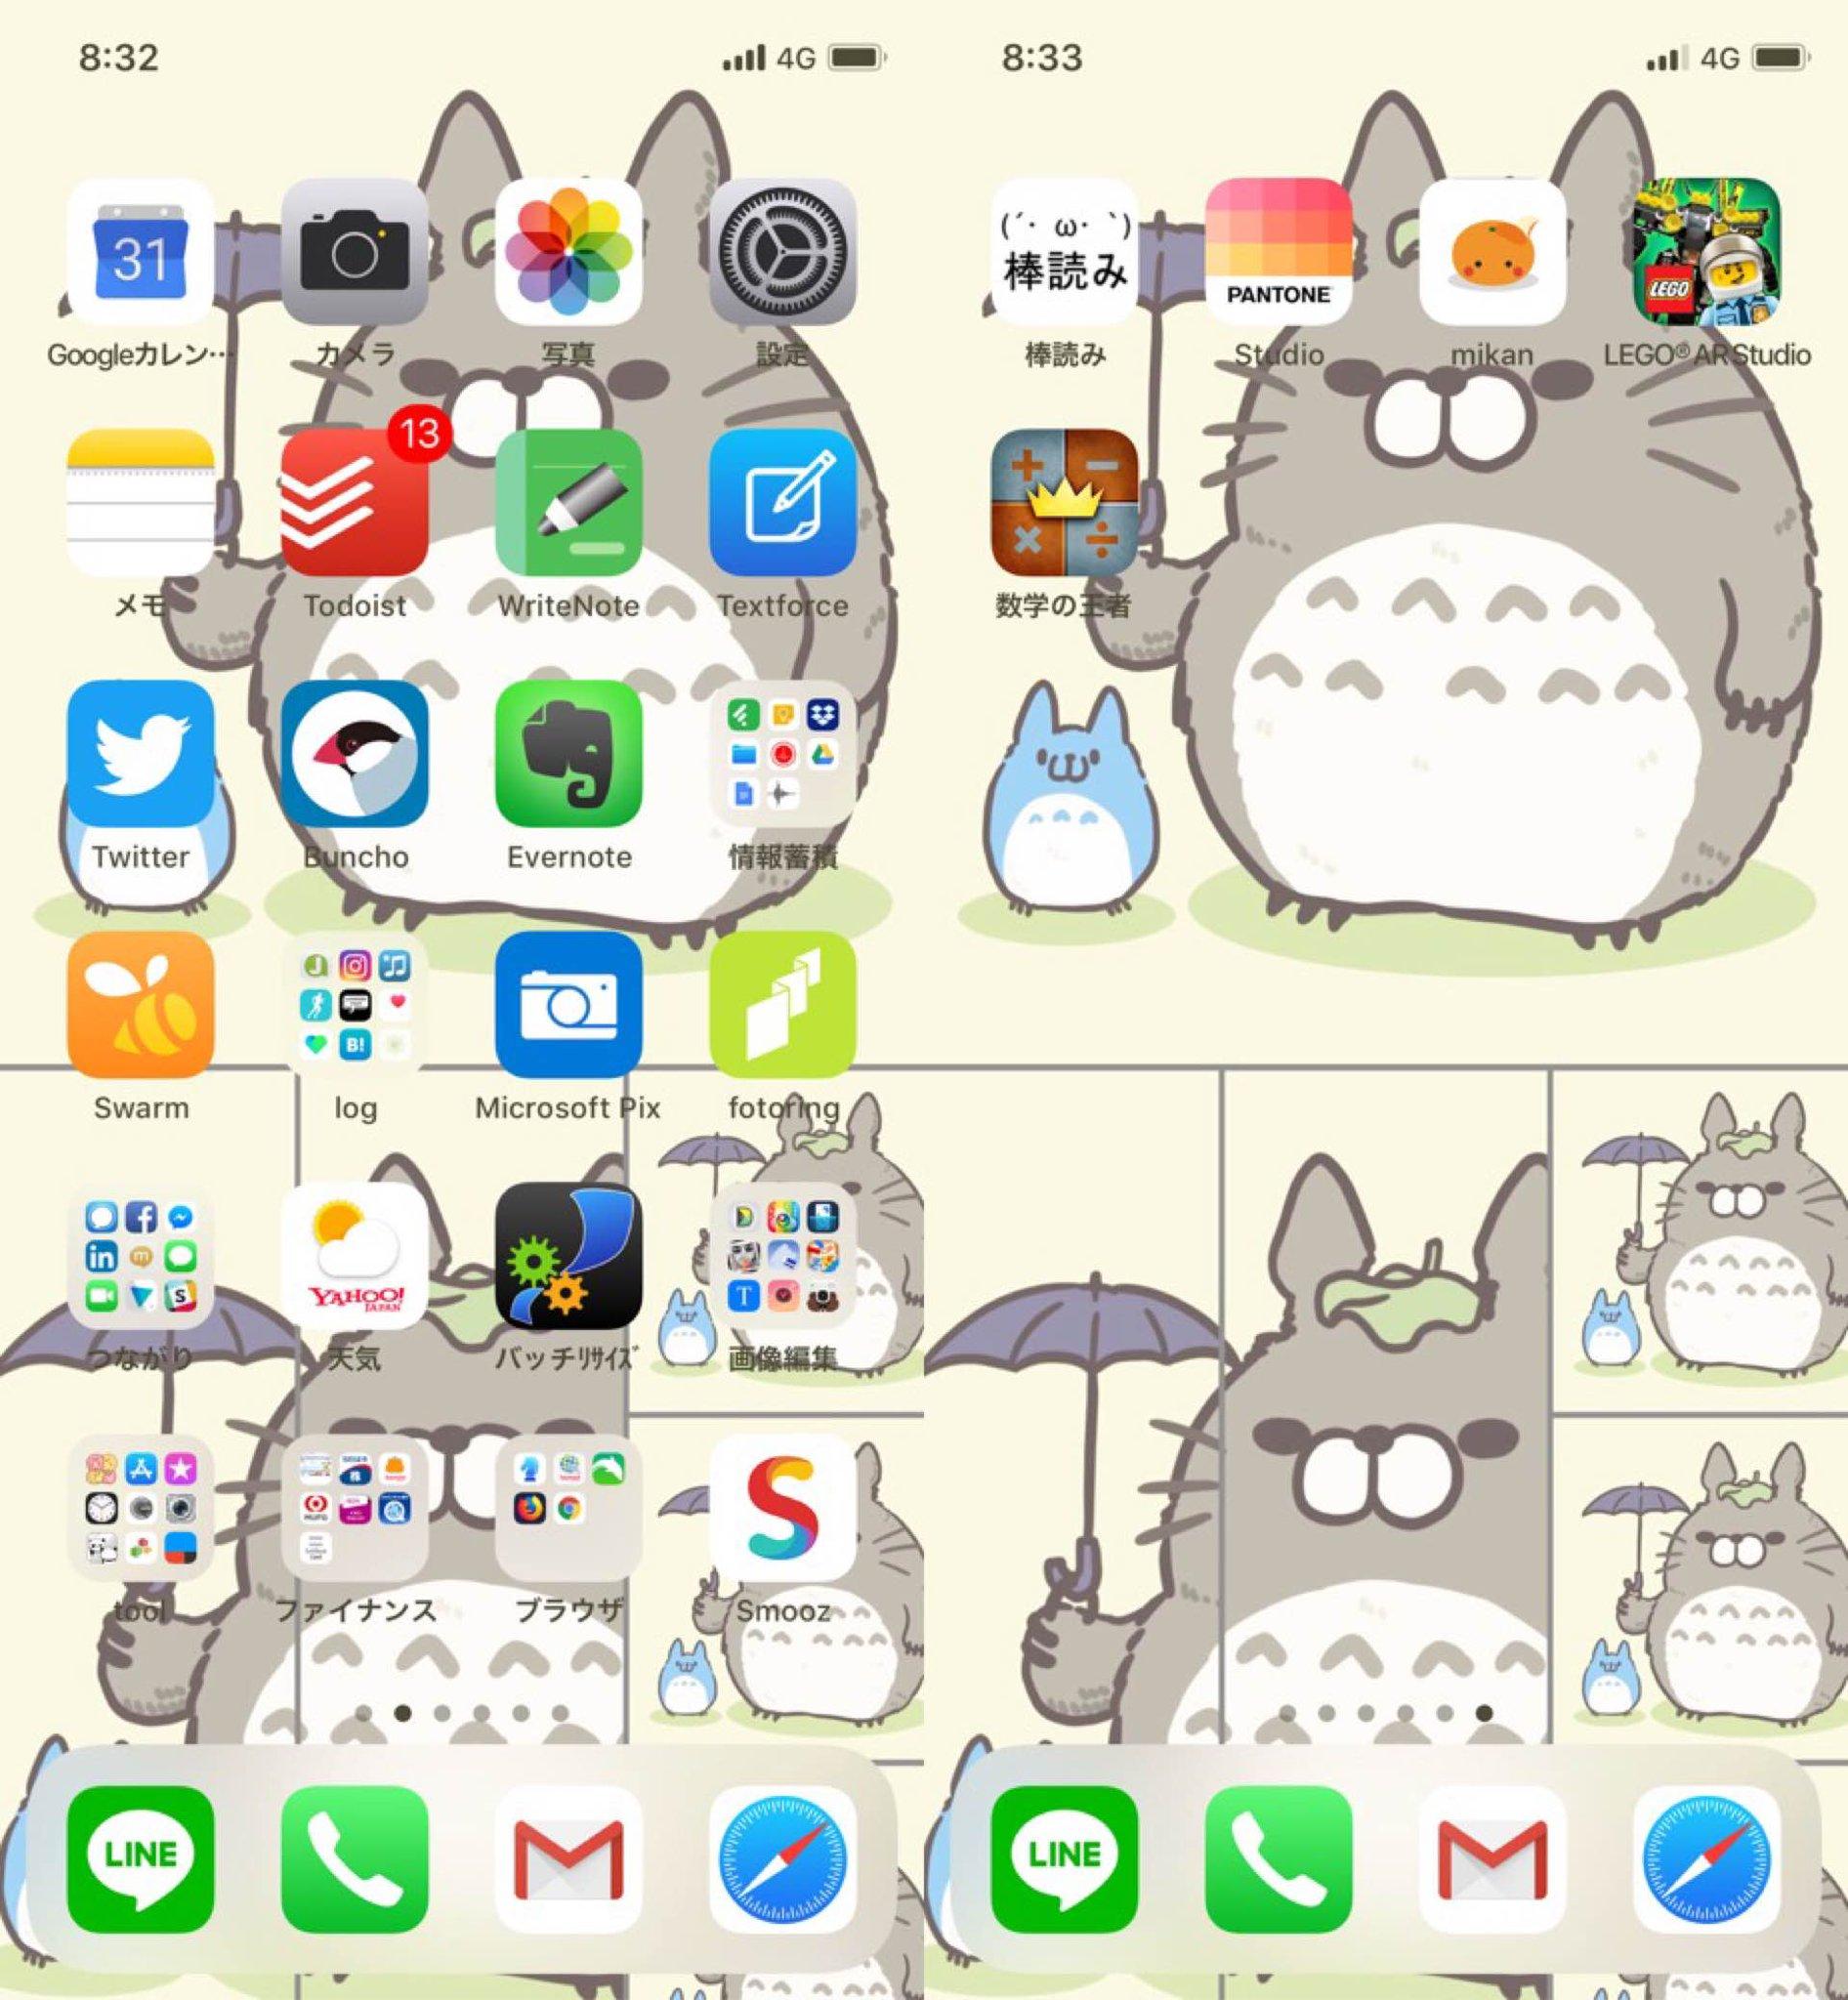 ボンレス猫トトロがあまりにキュートなのでちょっとだけ加工して iPhone X の壁紙に。 https://t.co/ZBV5NO8GeQ